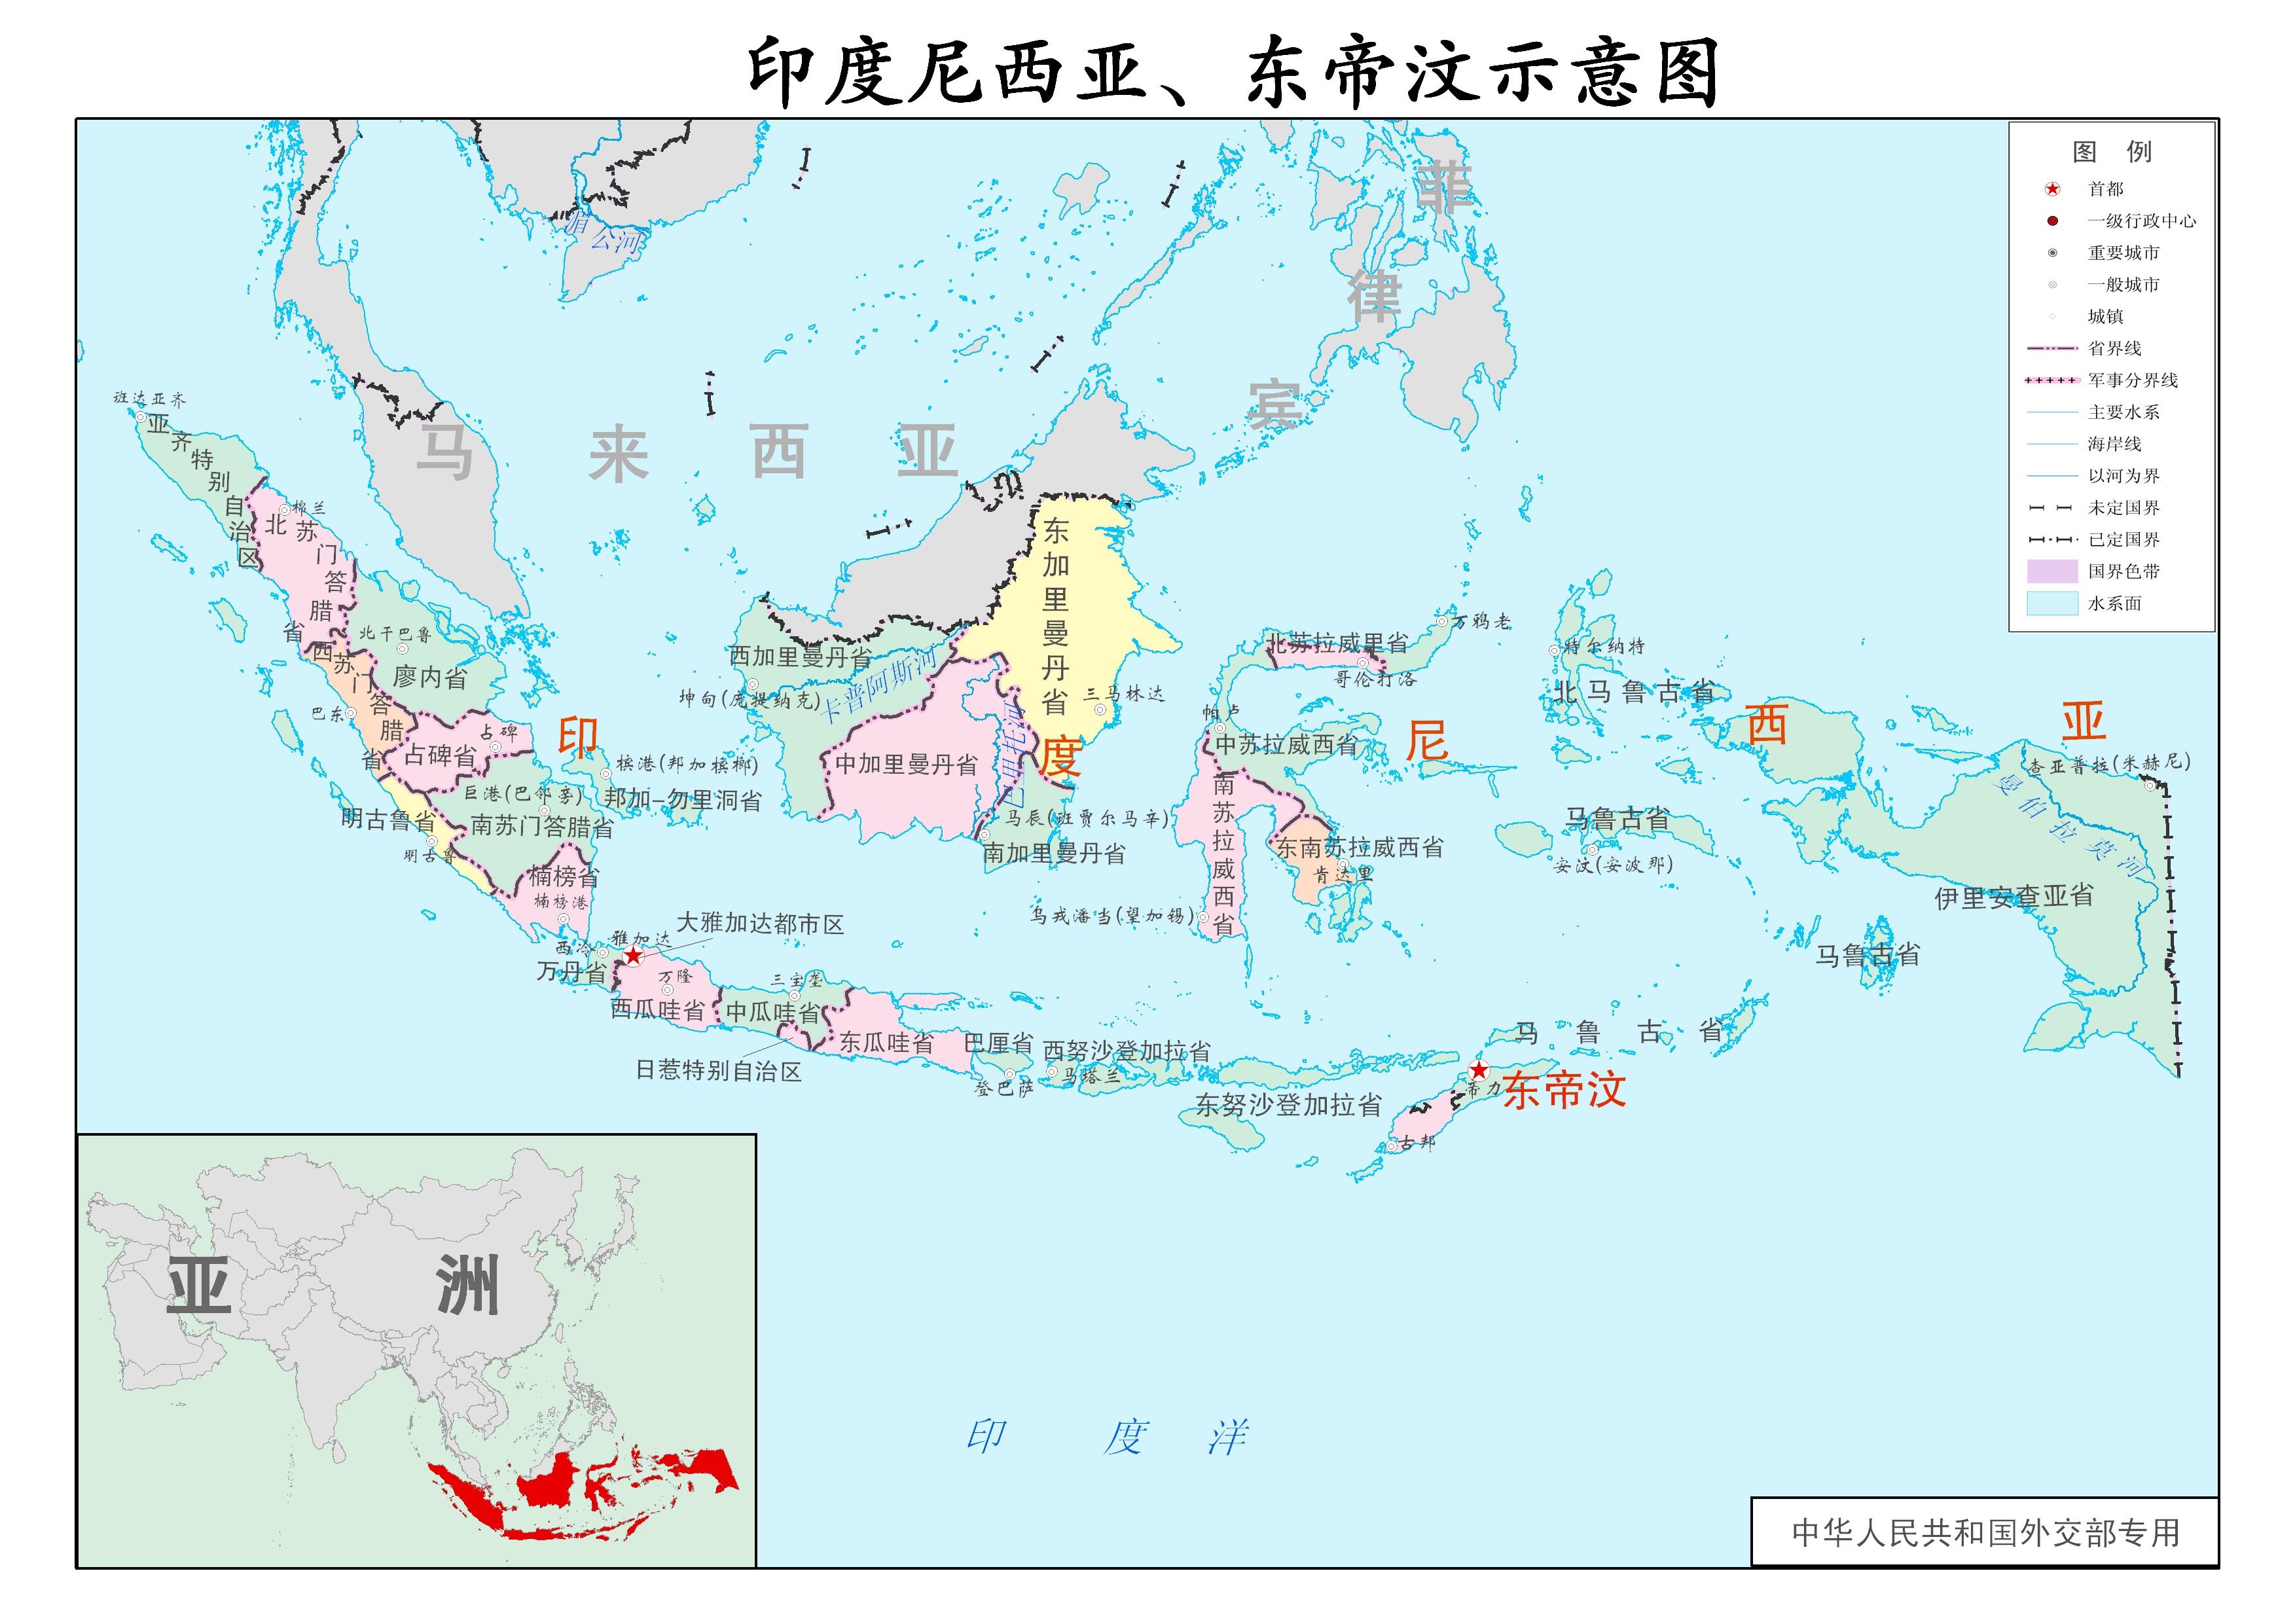 世界地图印度尼西亚_天猫淘宝商城2012年印度尼西亚东帝汶地图